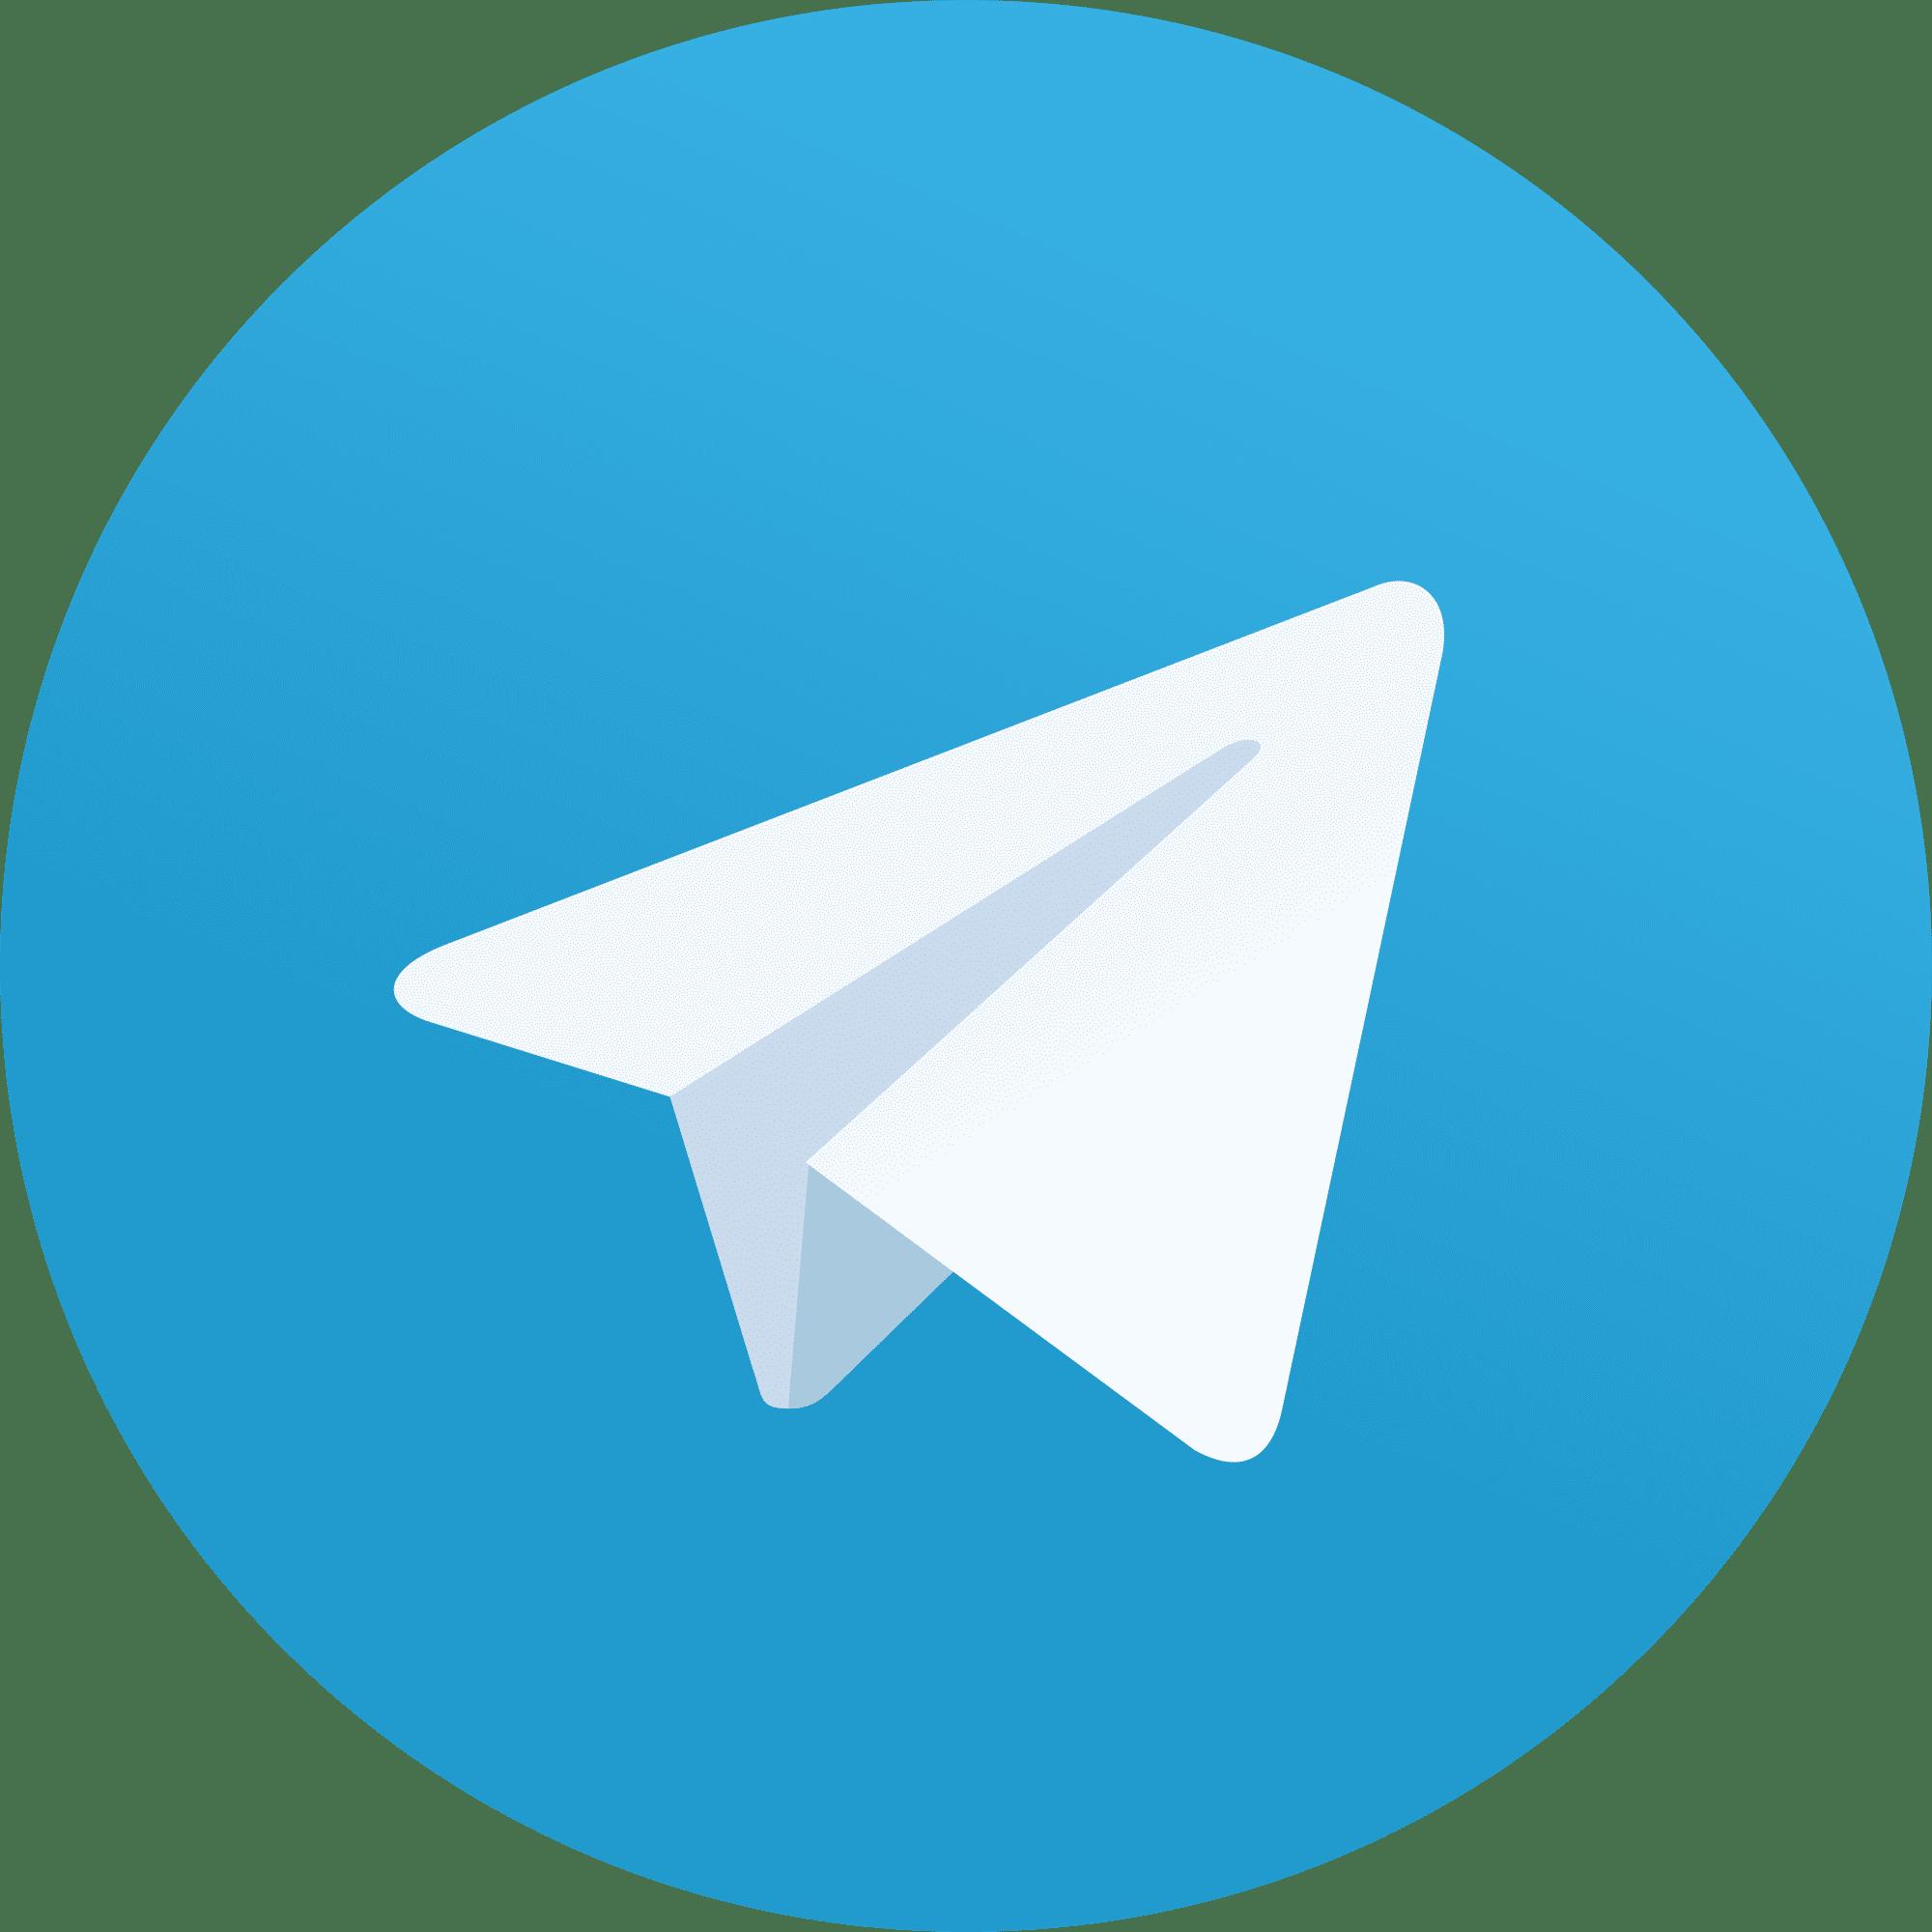 Связаться с нами в Telegram